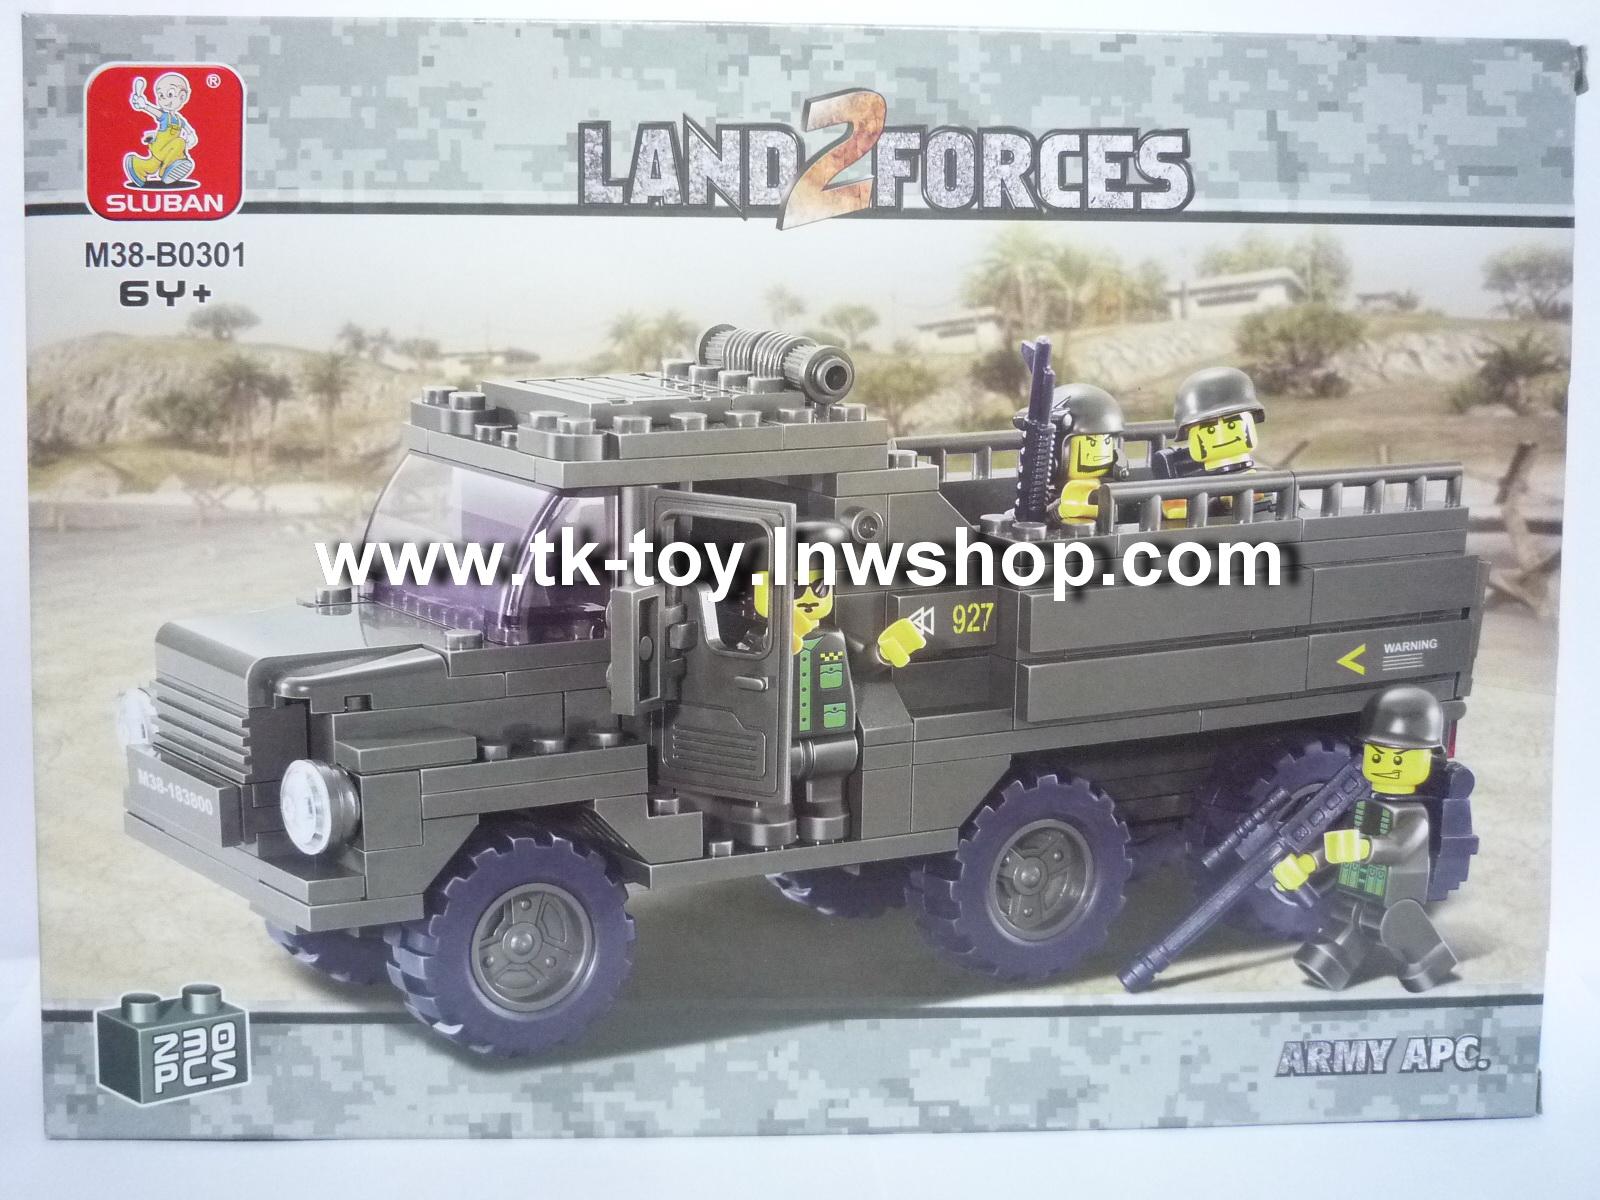 ชุดรถบรรทุกทหาร LAND2FORCES 230ชิ้น